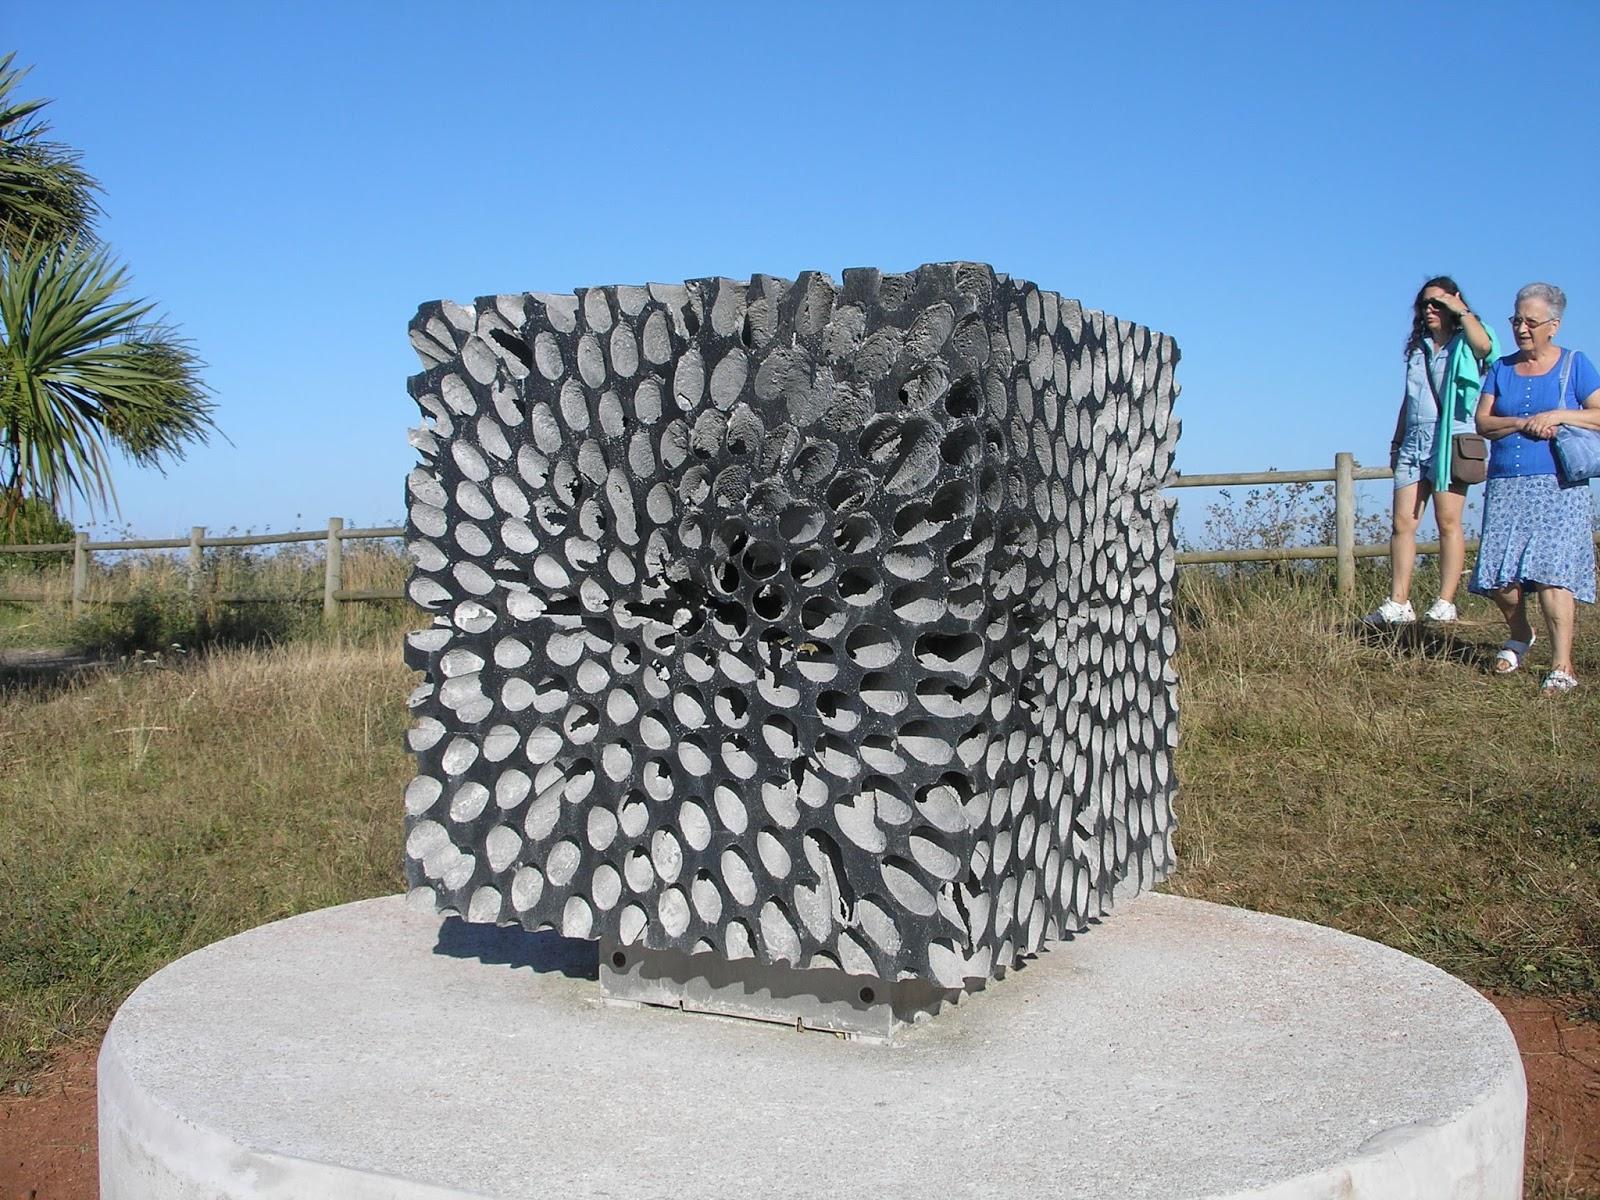 disfrutemos del paseo cultural con la siguiente escultura obelisco realizada con acero corten y acero inoxidable su autor csar ripoll dono natural